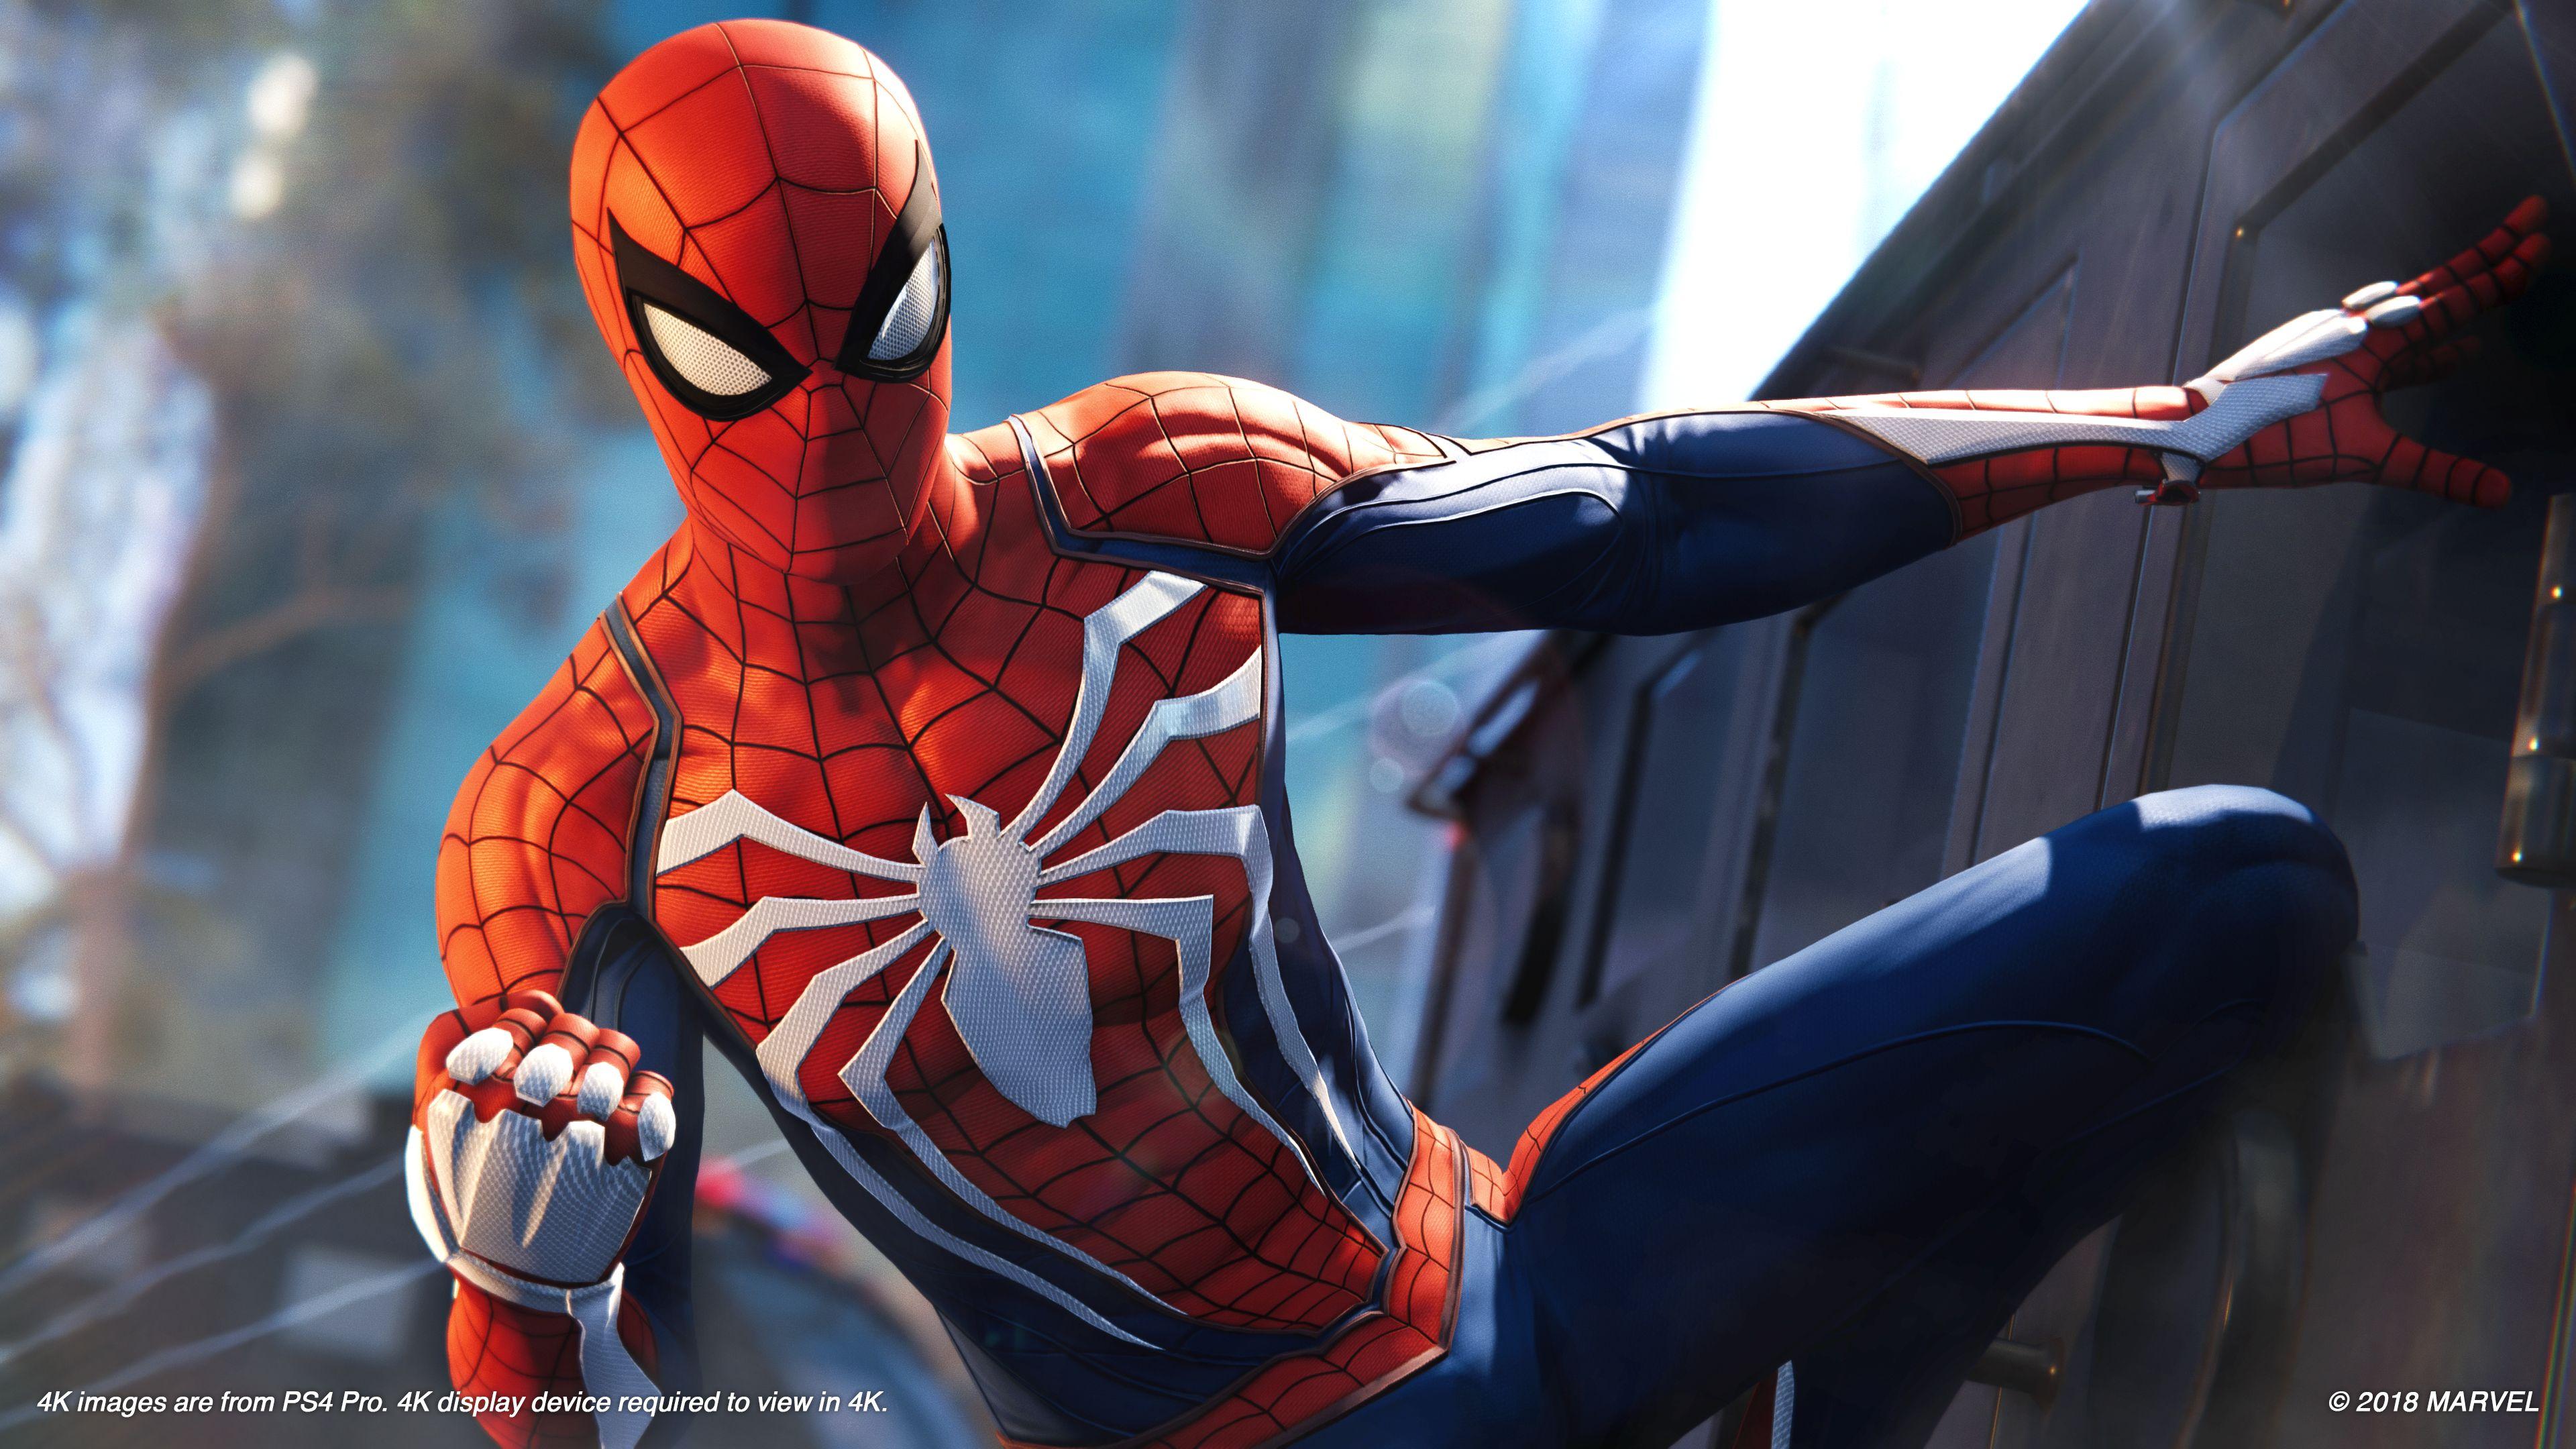 โชว์ความแรงเครื่อง Demo PS5 โหลด Spider-Man ไวกว่าสิบเท่า!